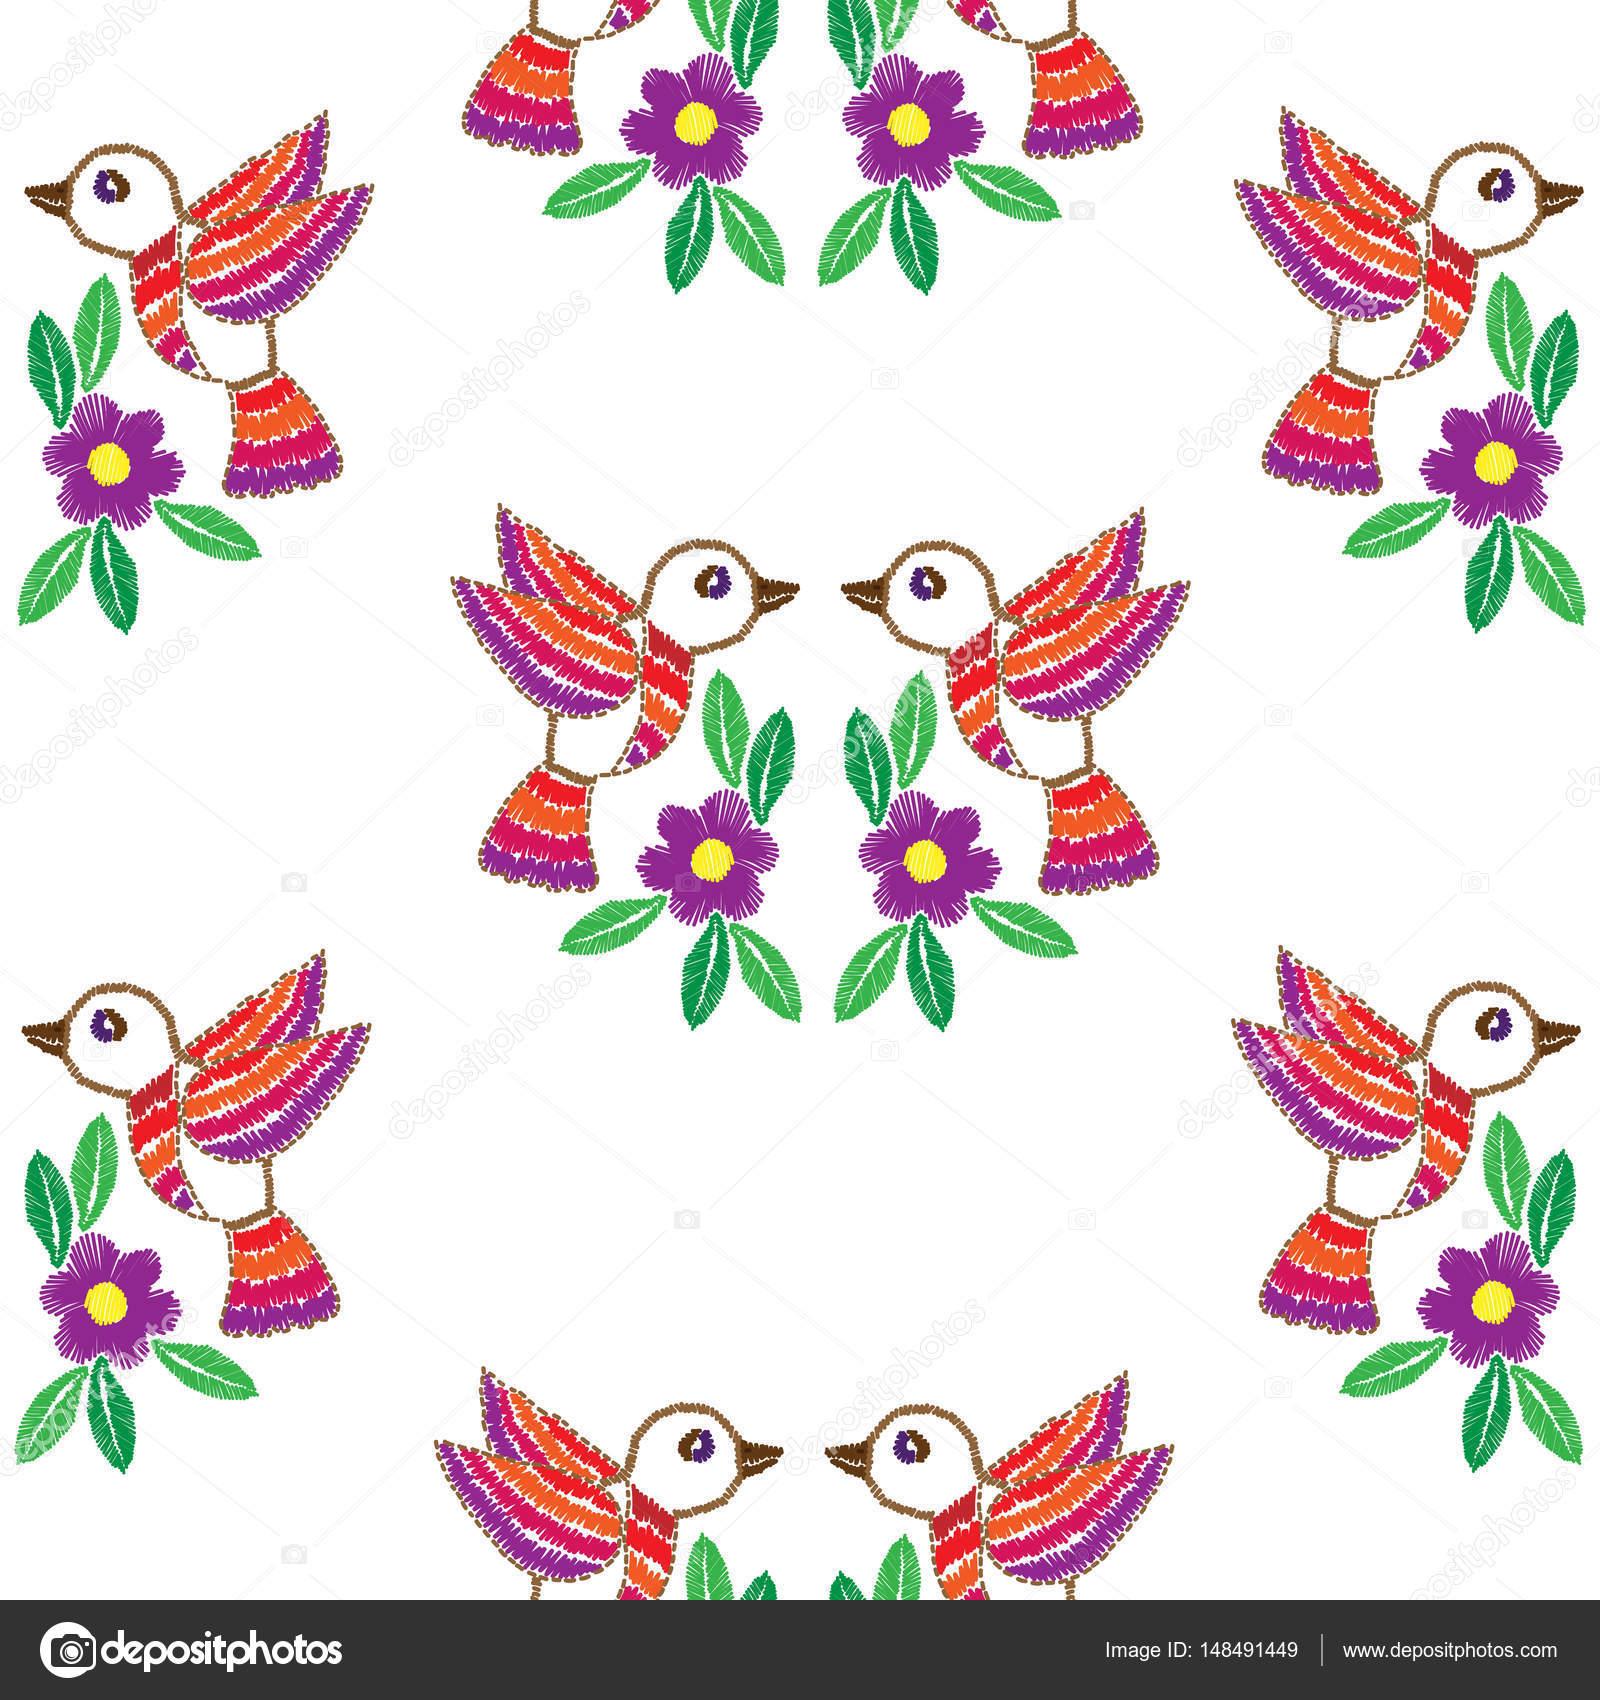 Stickers de flores para imprimir | Patrón imitación transparente ...